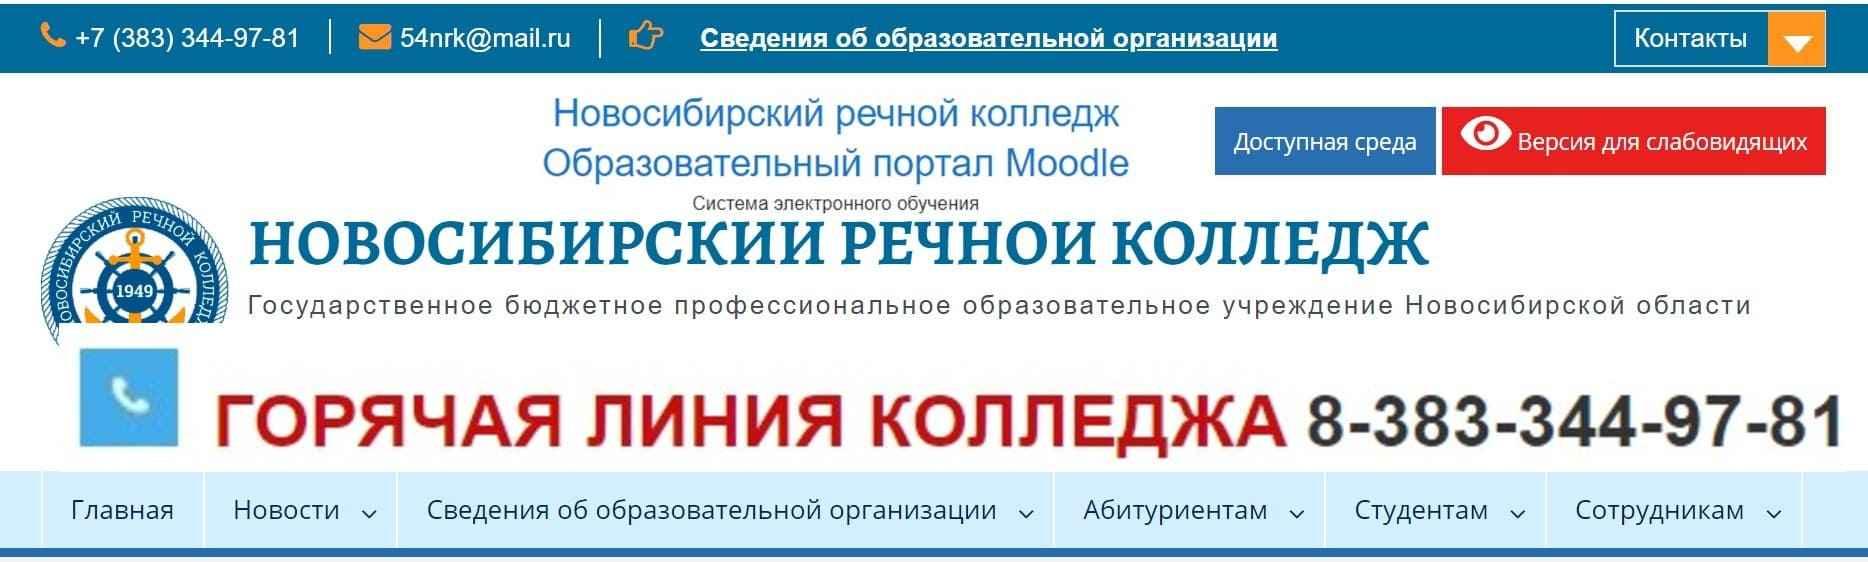 Новосибирский Речной Колледж Мудл